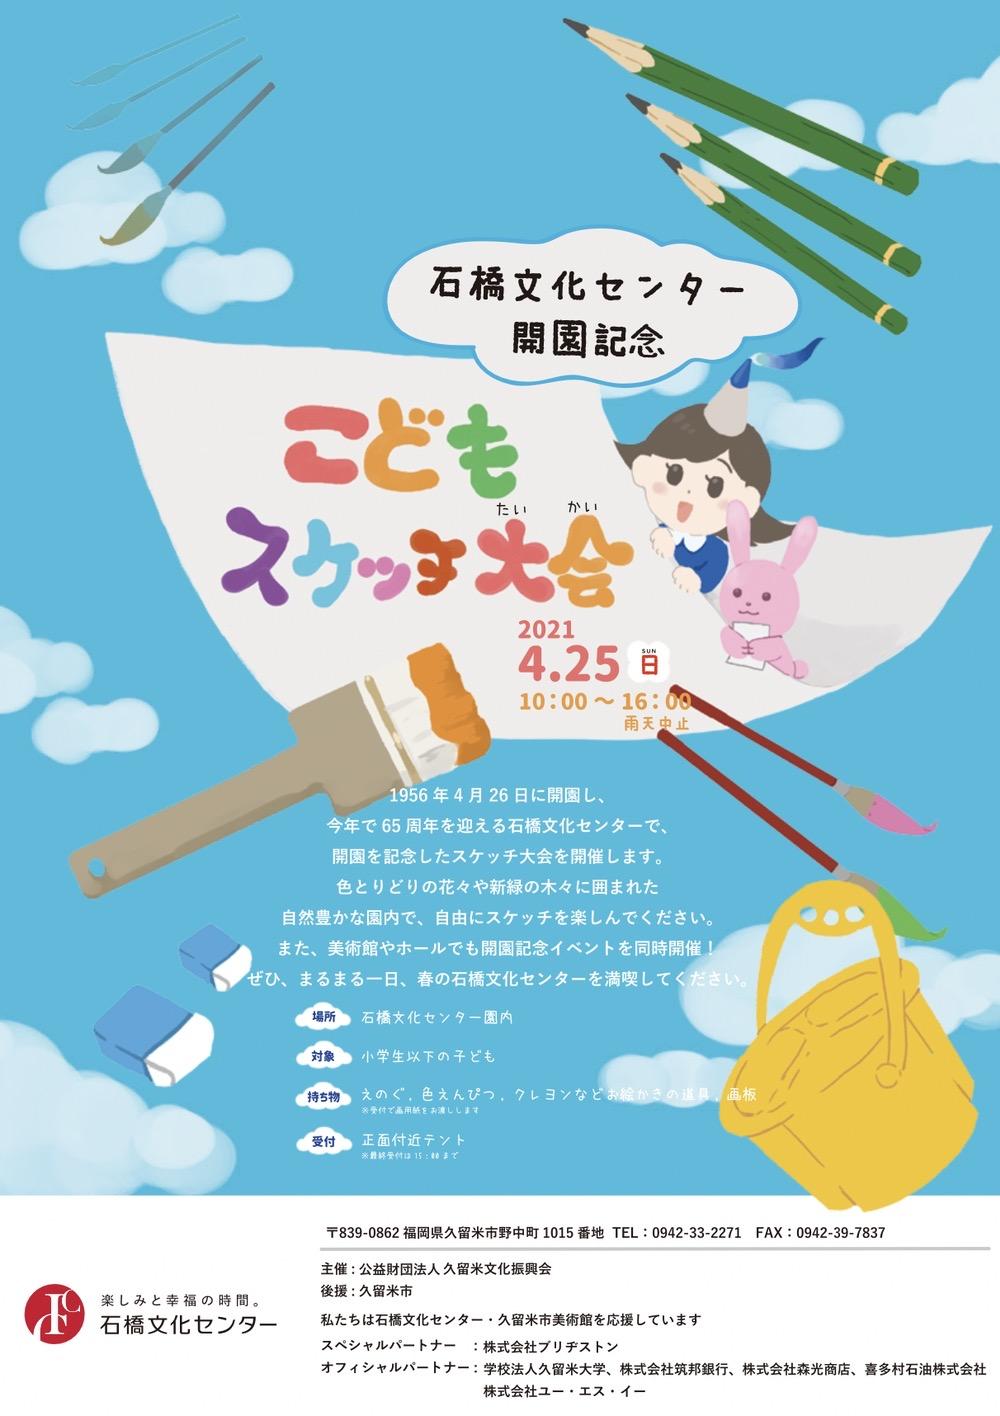 石橋文化センター開園記念『こどもスケッチ大会』4月25日開催!